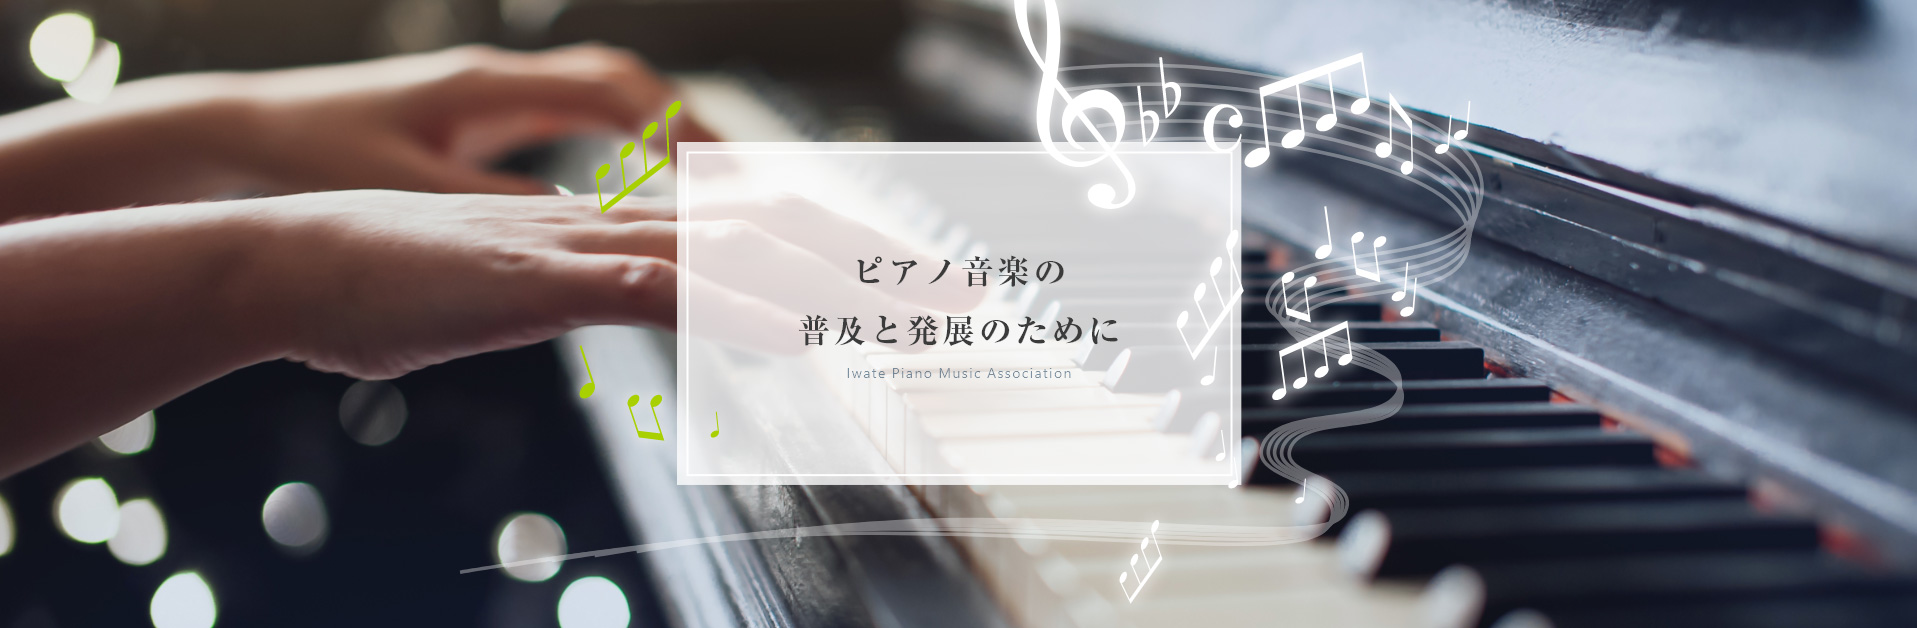 一般社団法人岩手県ピアノ音楽協会